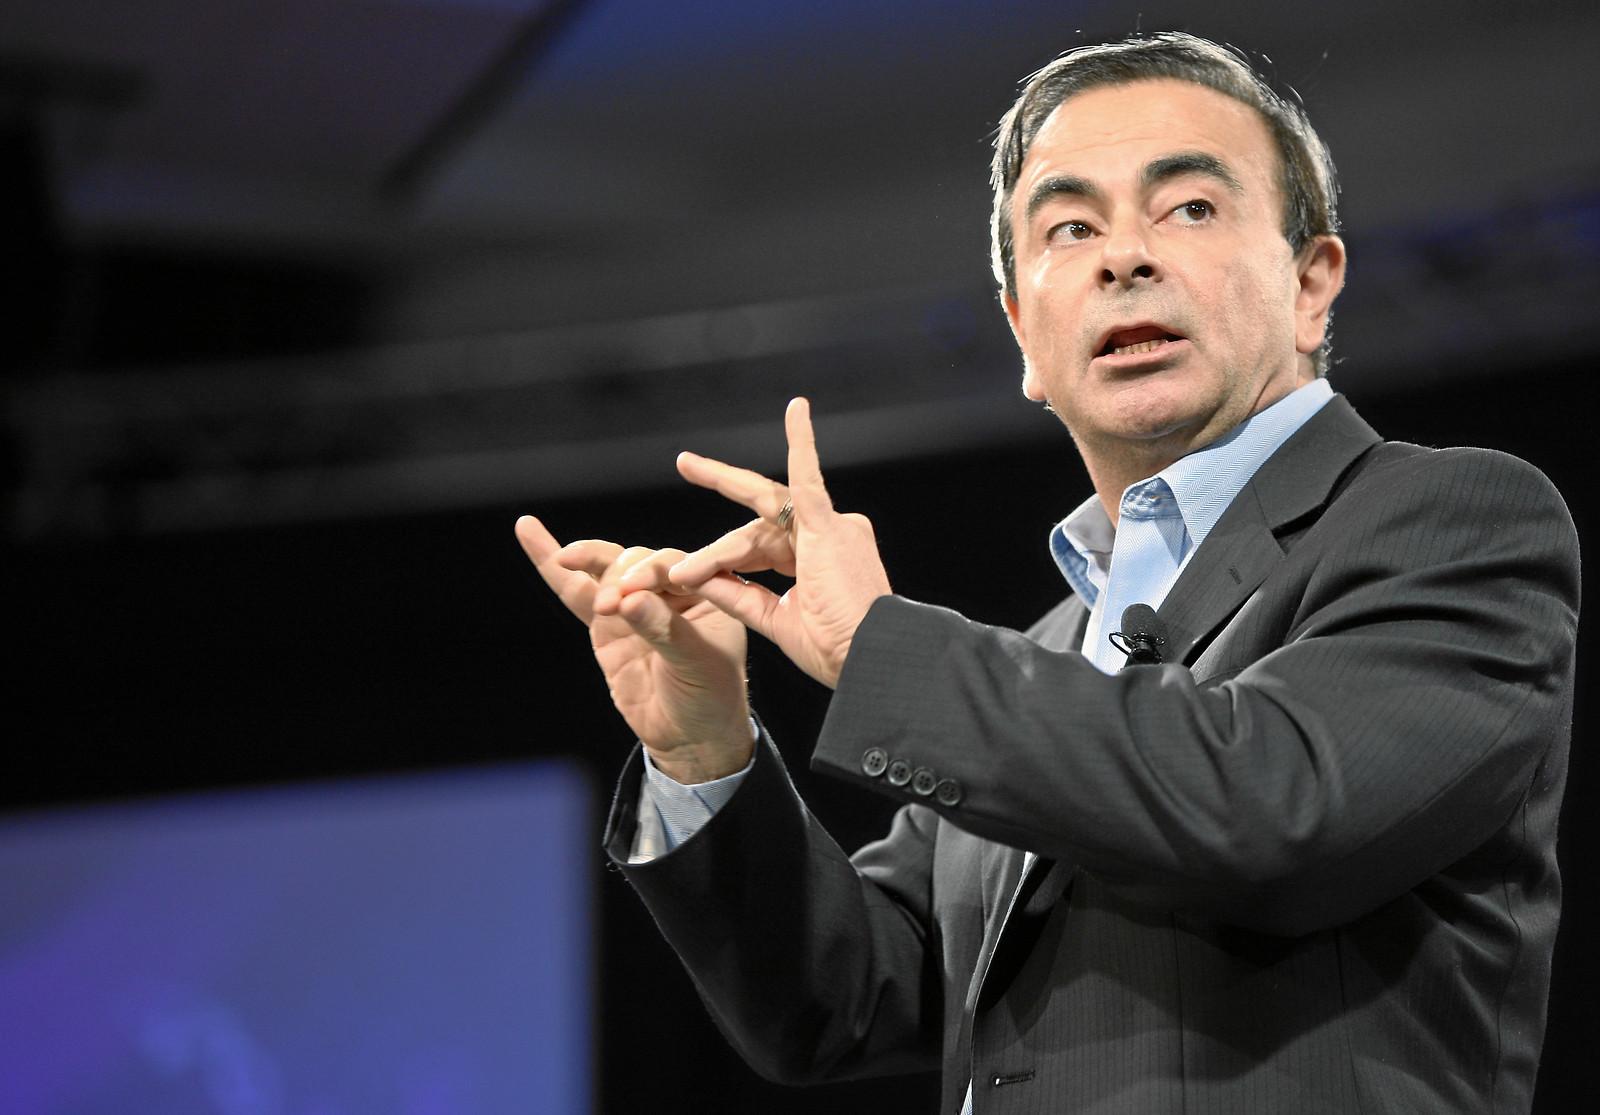 Carlos Ghosn tire les ficelles d'une communication bien huilée. Mais comment son message est-il perçu au Japon ? ©Flickr